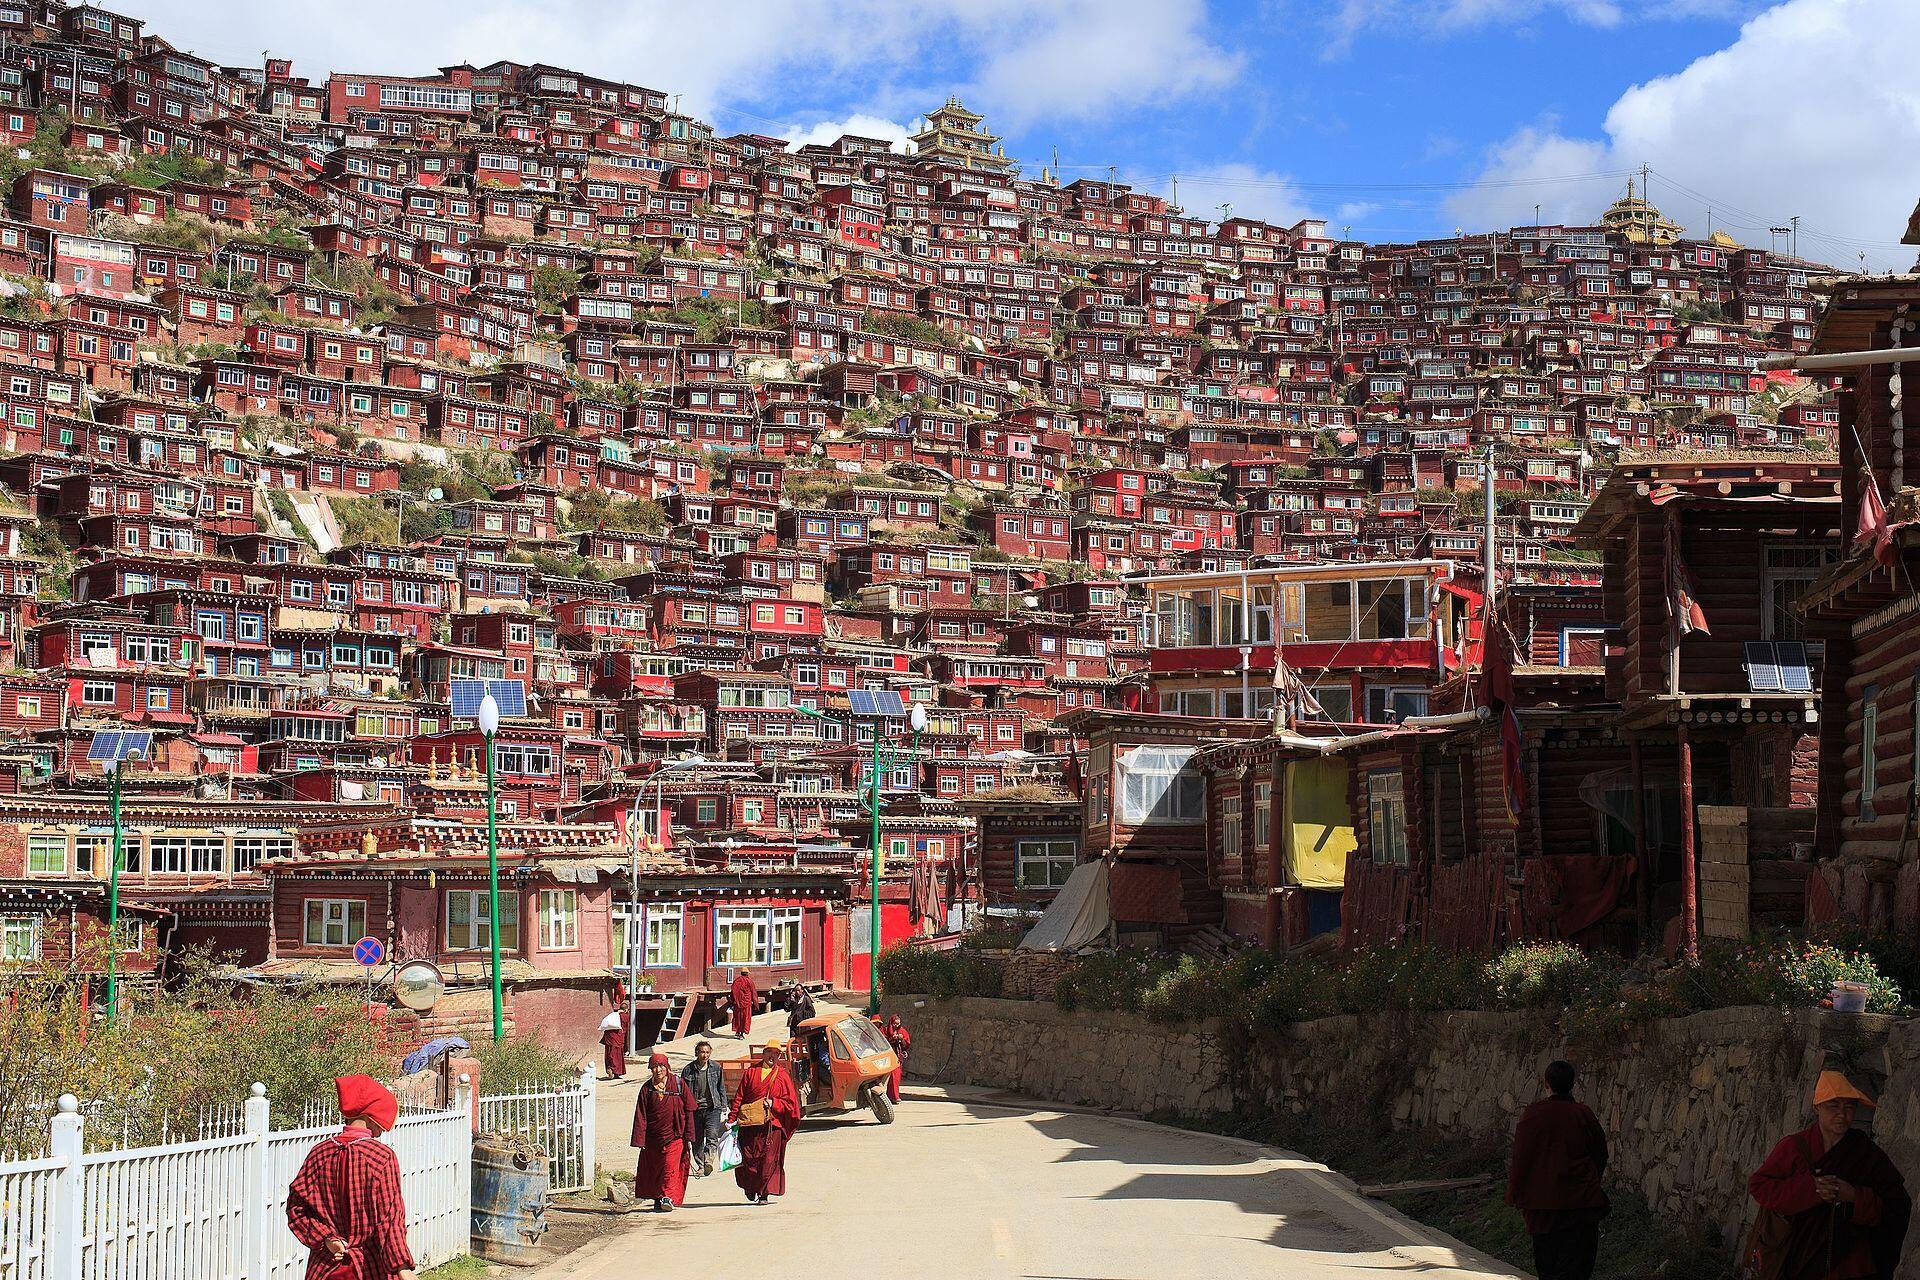 Larung Gar tức Lạc Nhược Hương, khu vực tu viện nổi tiếng của Tây Tạng đang bị chính quyền Bắc Kinh âm thầm giải tỏa.